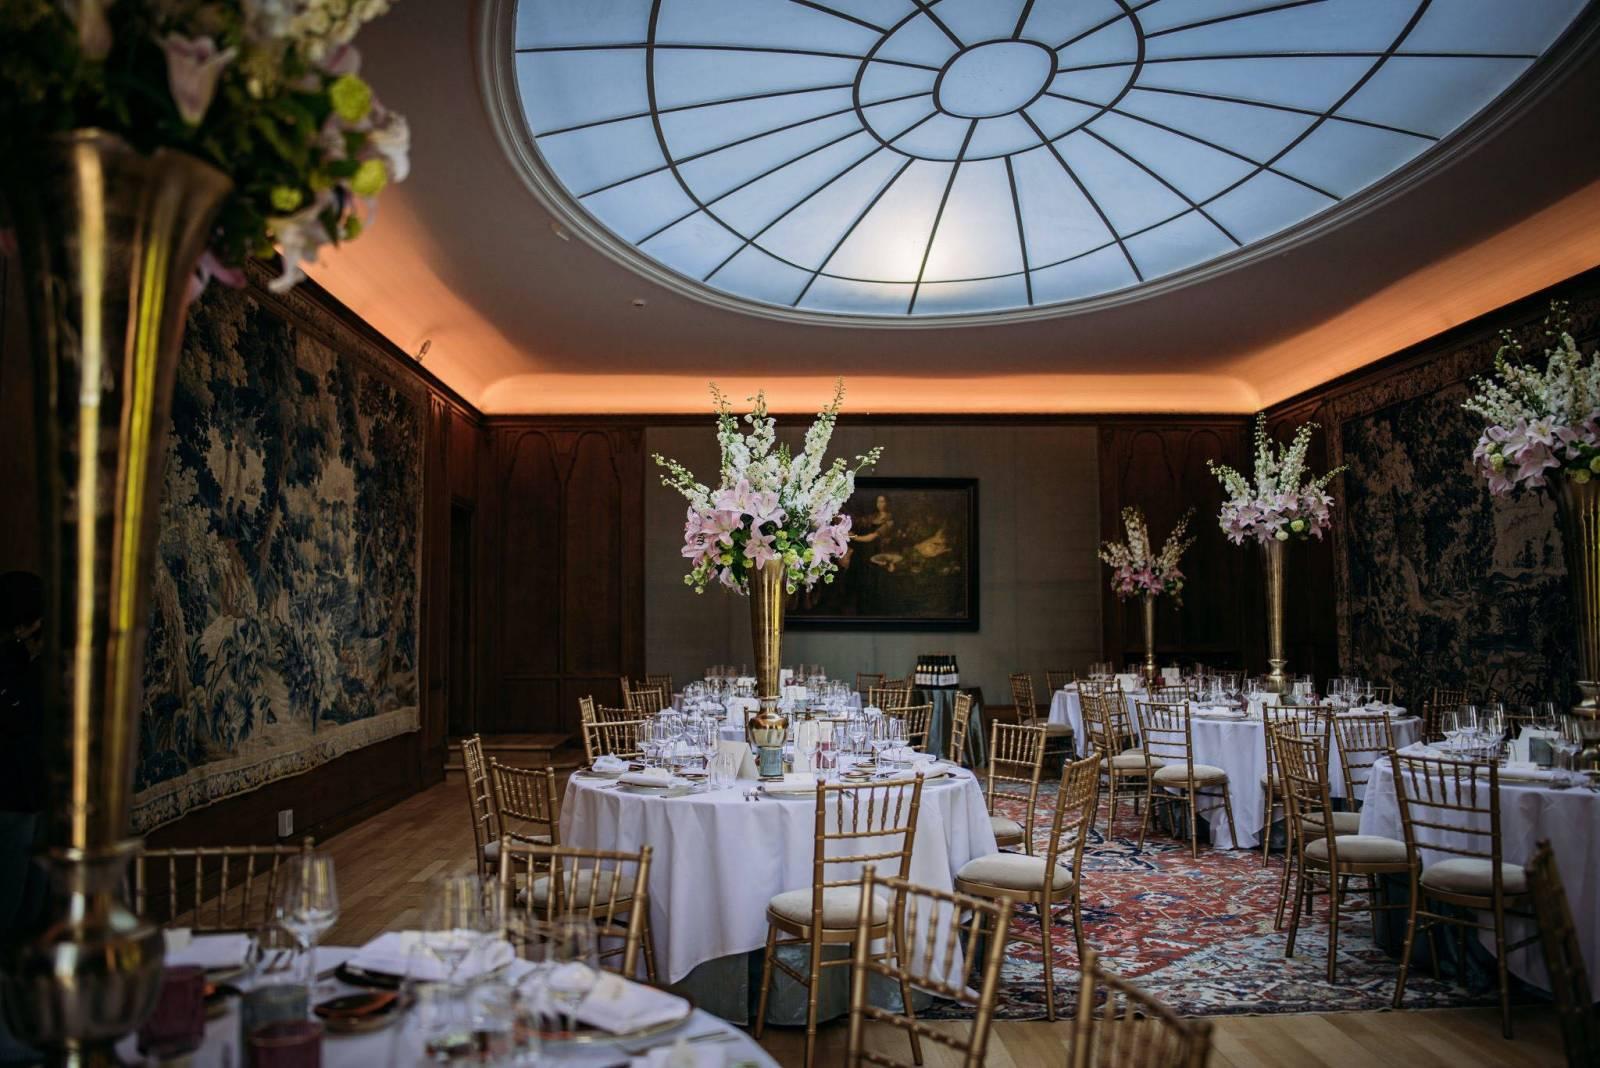 Gastronomie Nicolas - Catering - Traiteur - Trouw - Huwelijk - Bruiloft - House of Weddings - 5